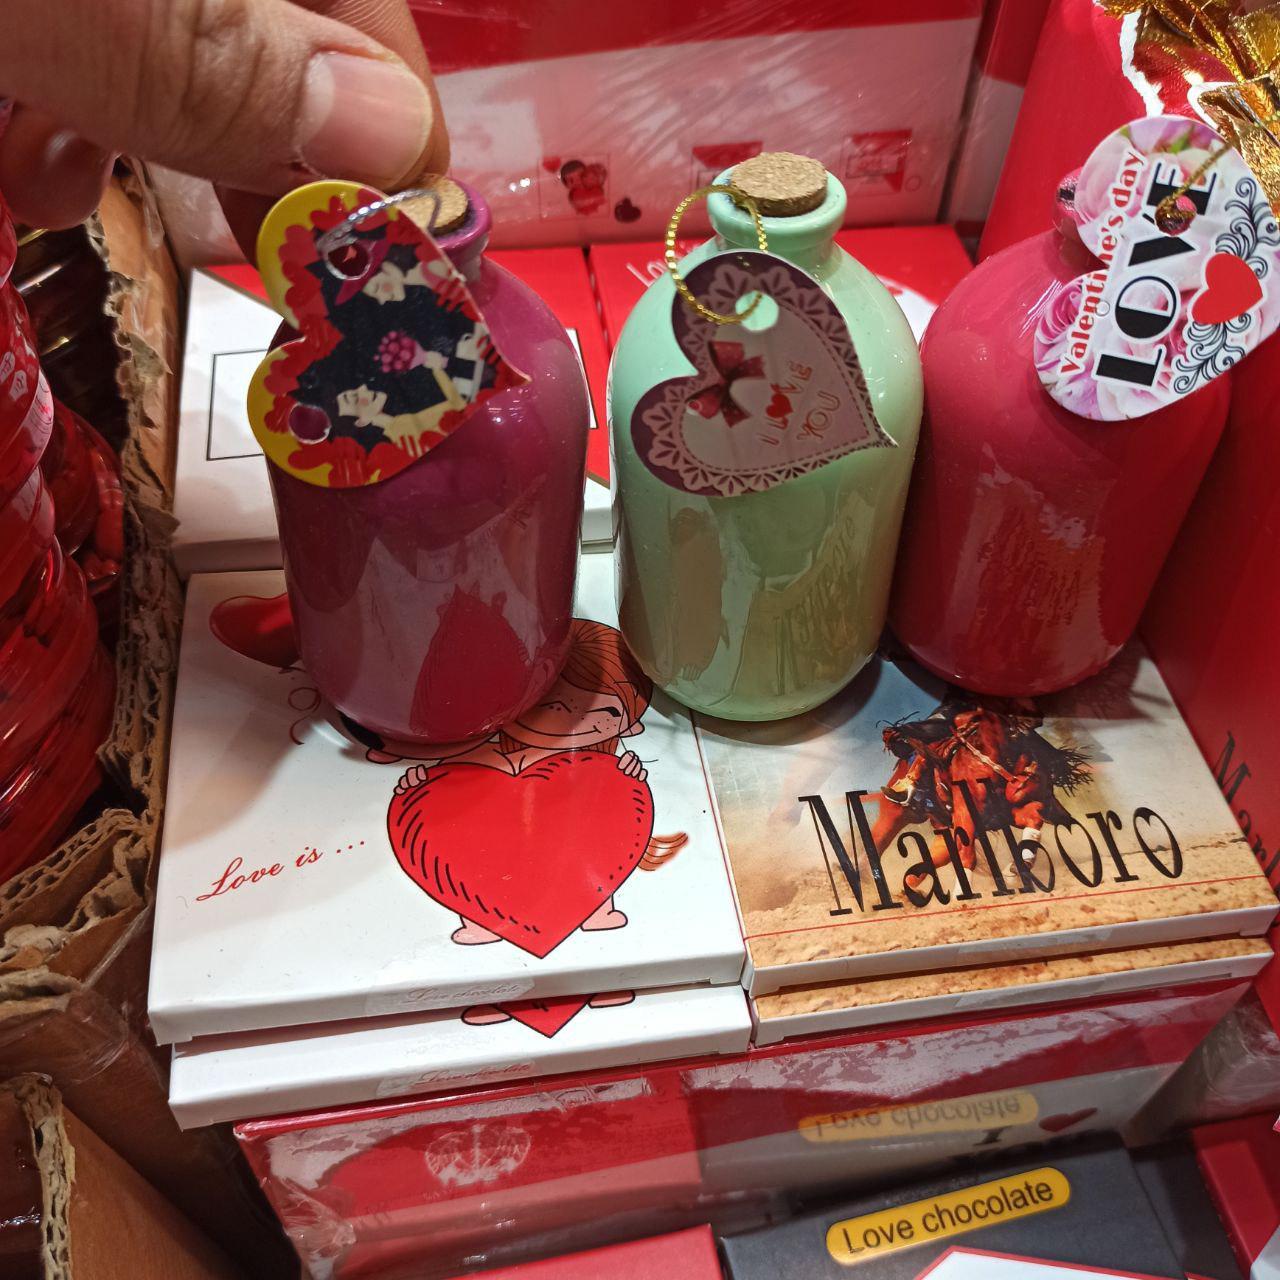 خرید عمده لوازم ولنتاین و کادویی شکلات ولنتاین طرح بطری